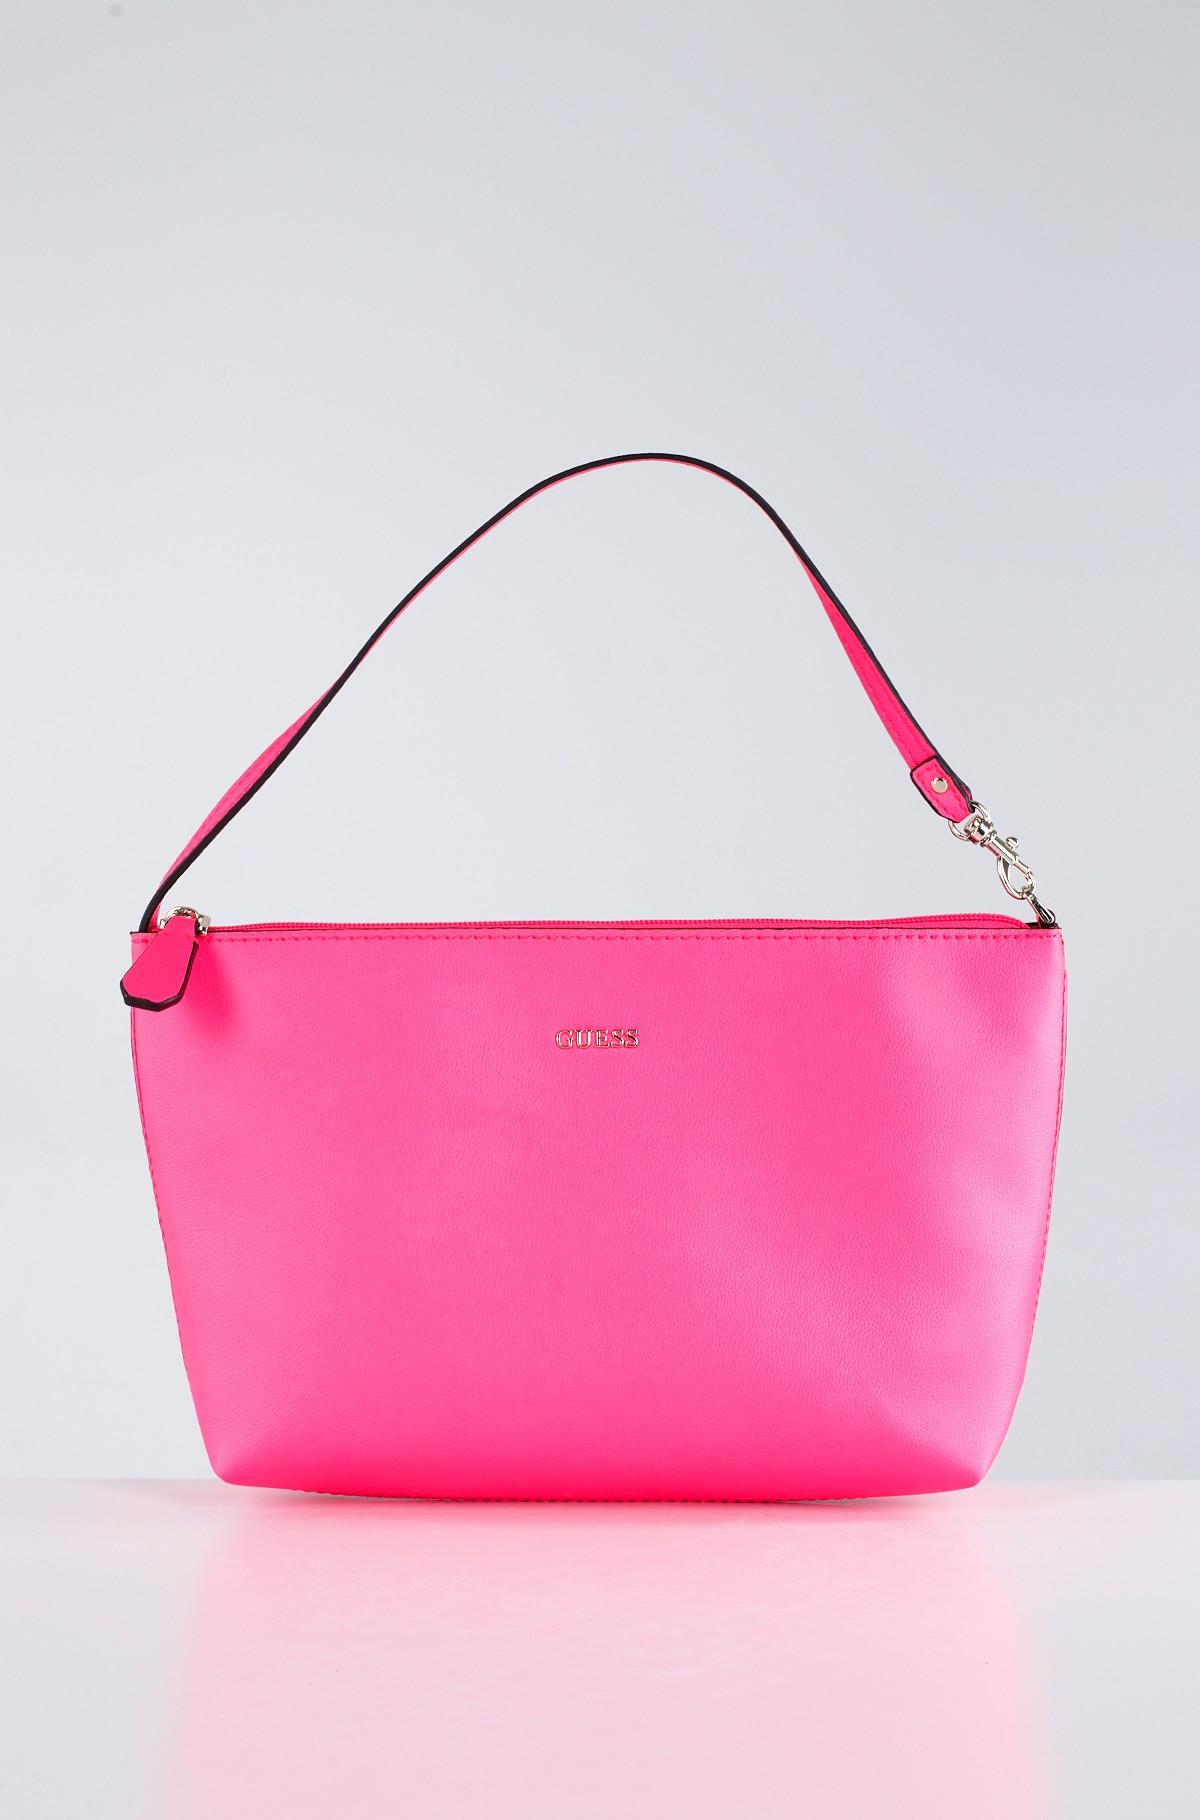 Handbag HWNQ69 95240-full-4